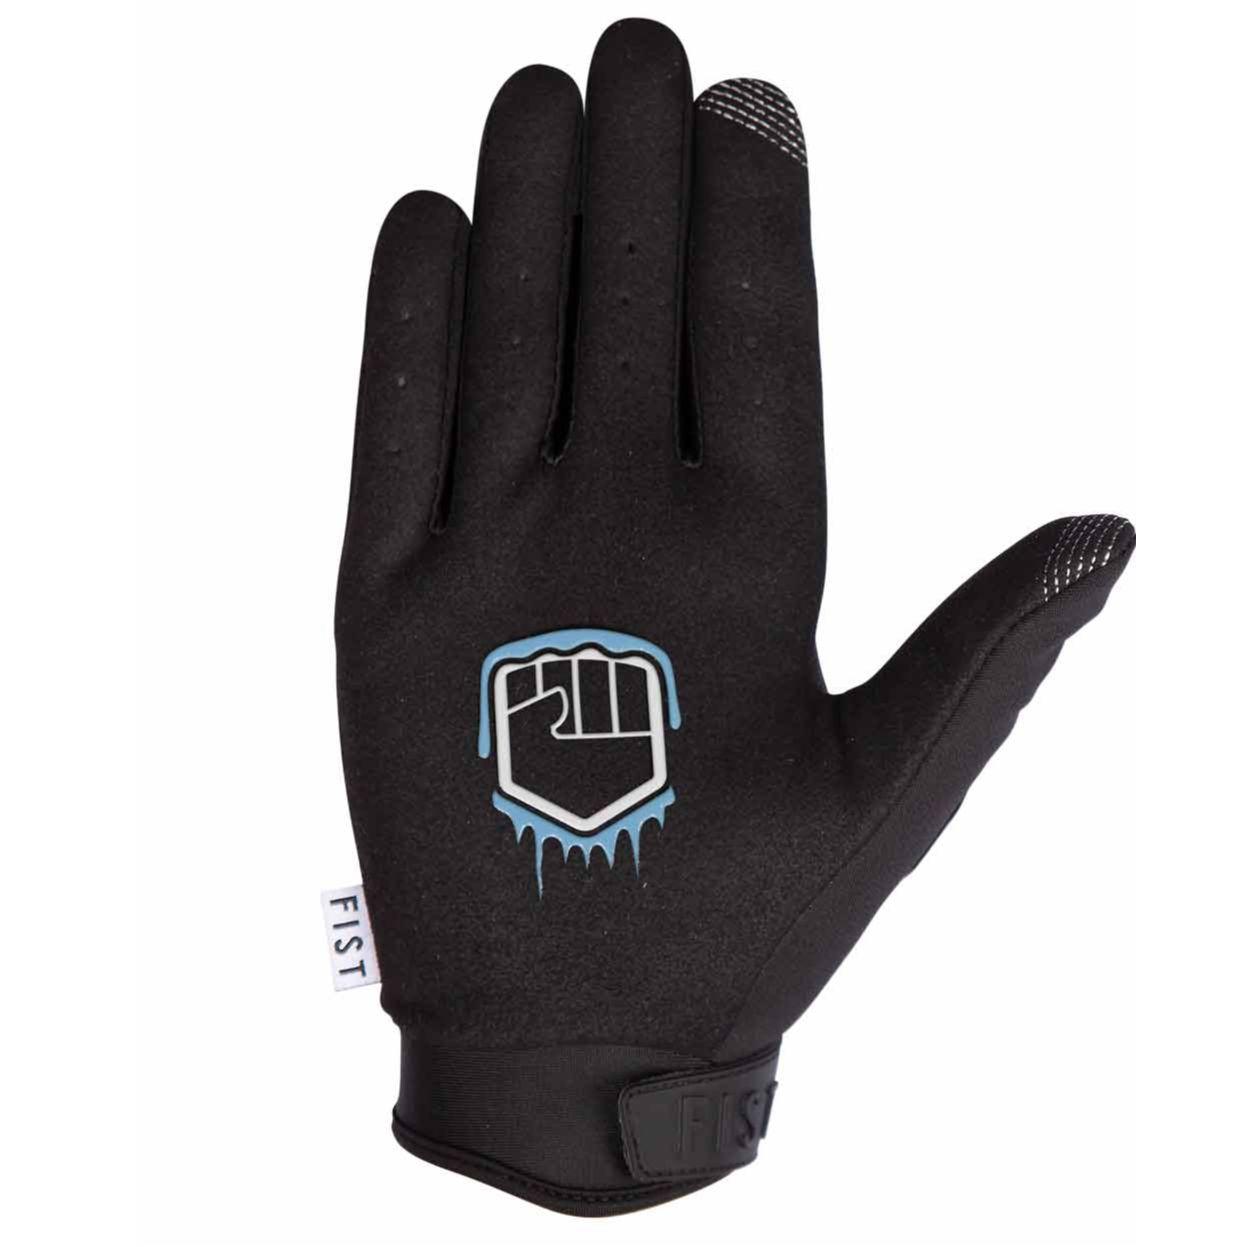 Gants cross Fist Handwear FIST FROSTY FINGERS - POLAR BEAR 2021